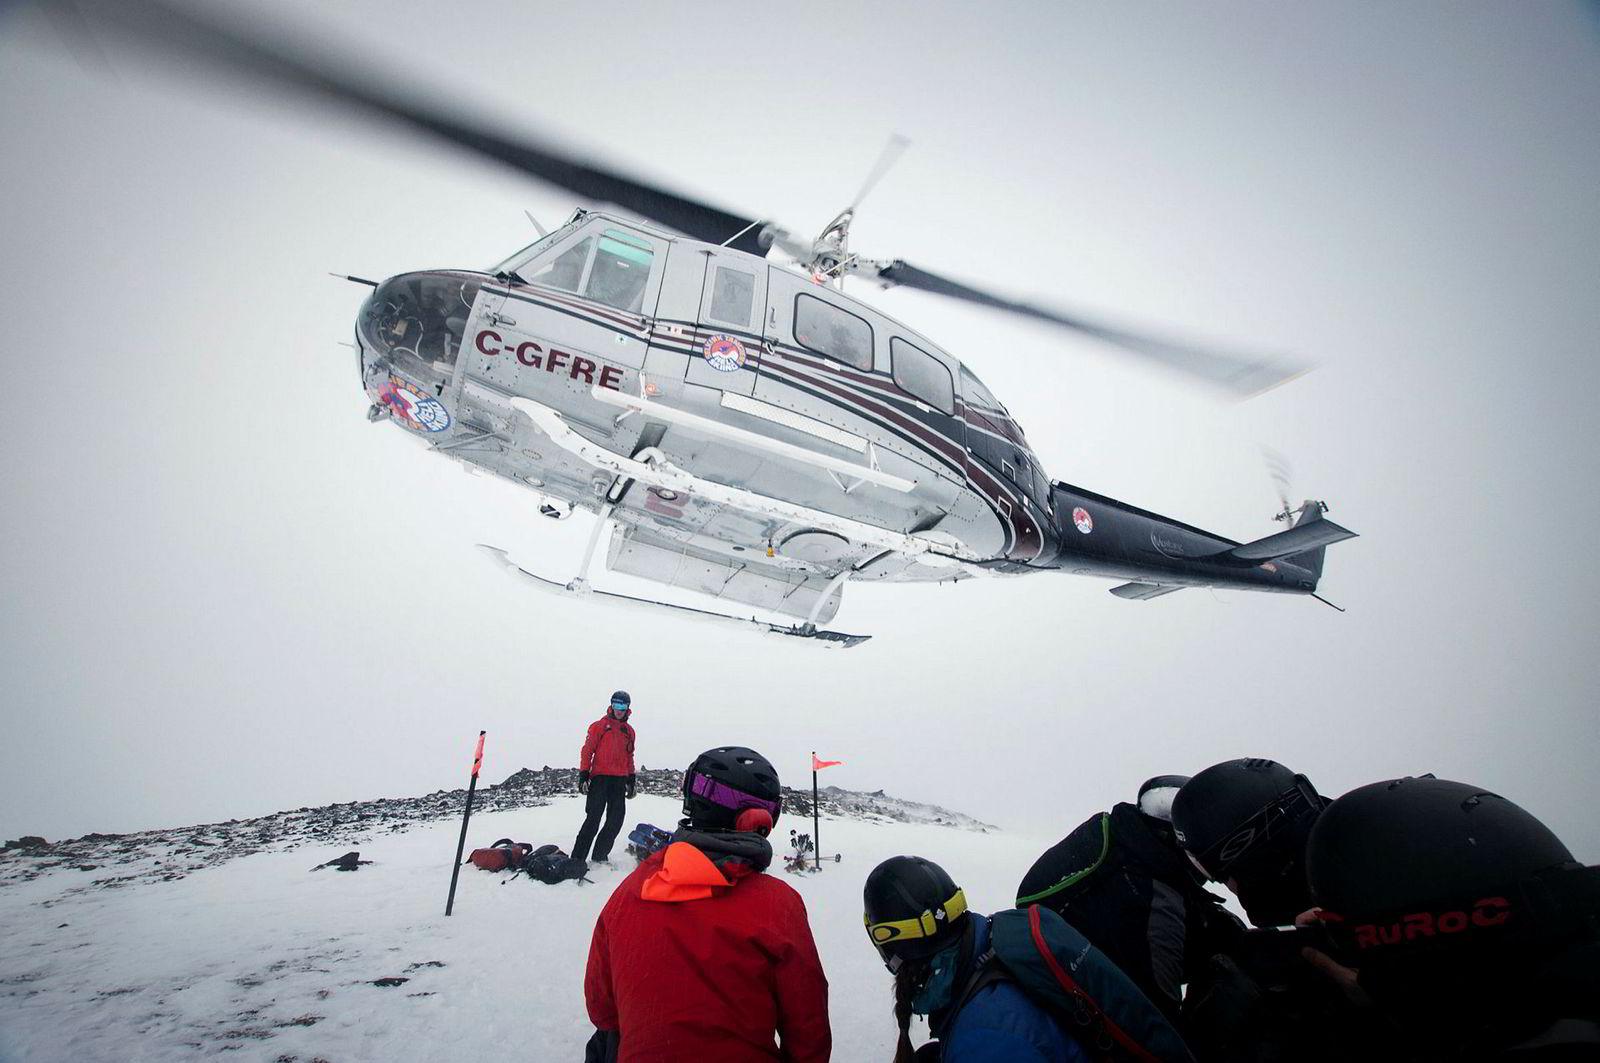 Helikopteret tar skituristene opp på 3000 meter høyde i Revelstoke i Canada. På en dag med overskyet vær starter skituren ned fjellet lavere, og på ett minutt er helikopteret vekk.